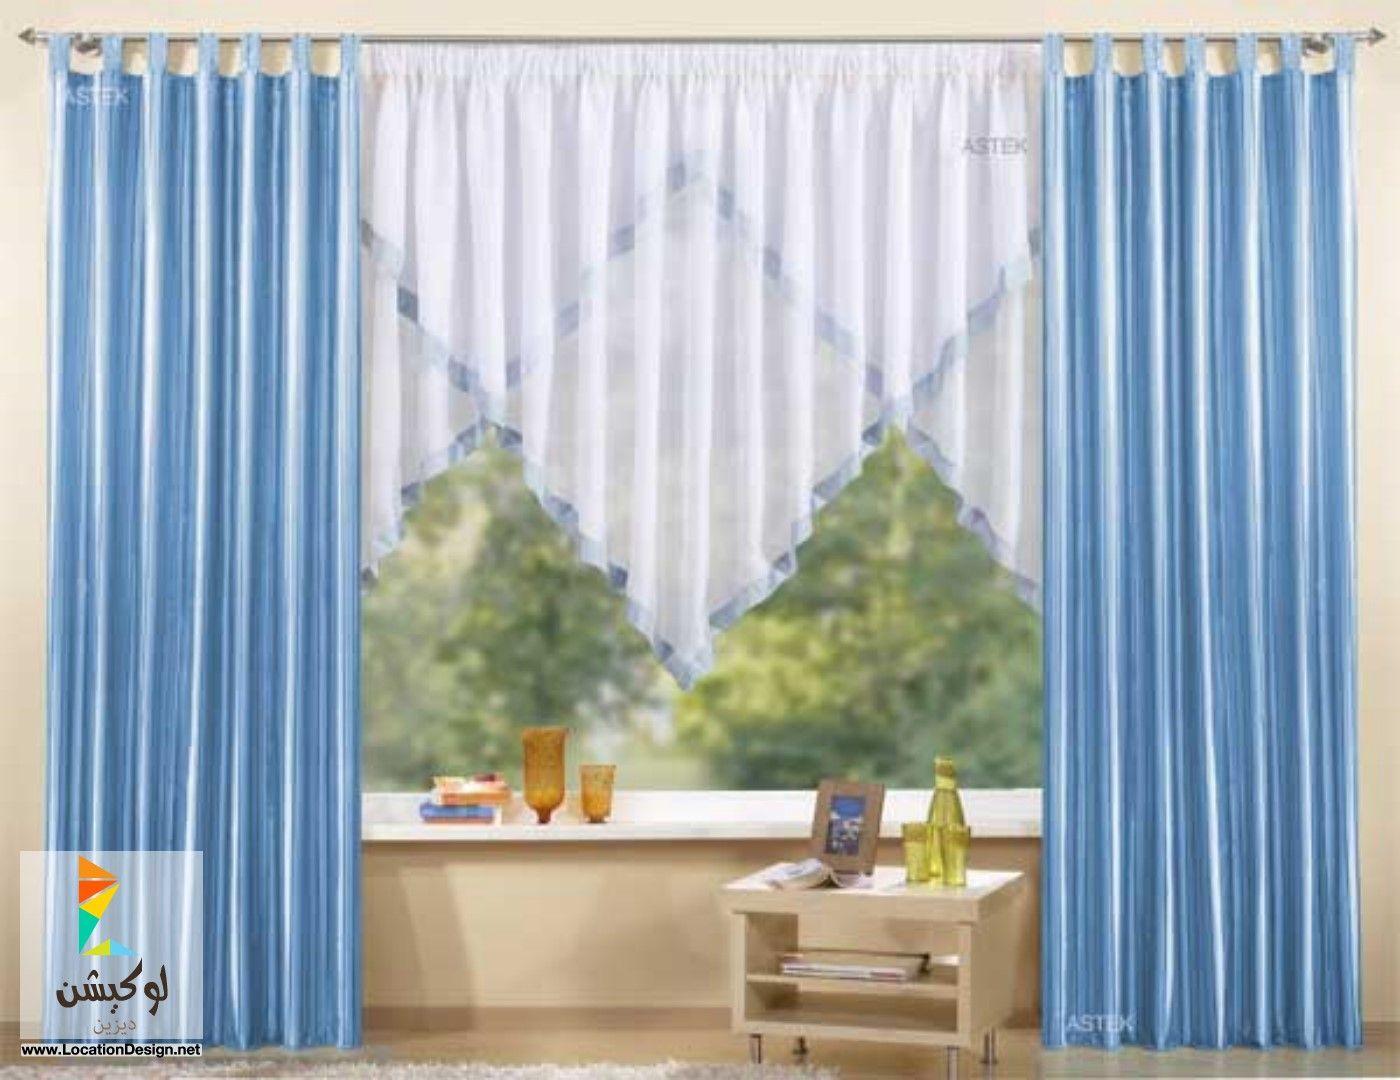 ستائر غرف نوم كلاسيك Home Decor Curtains Home